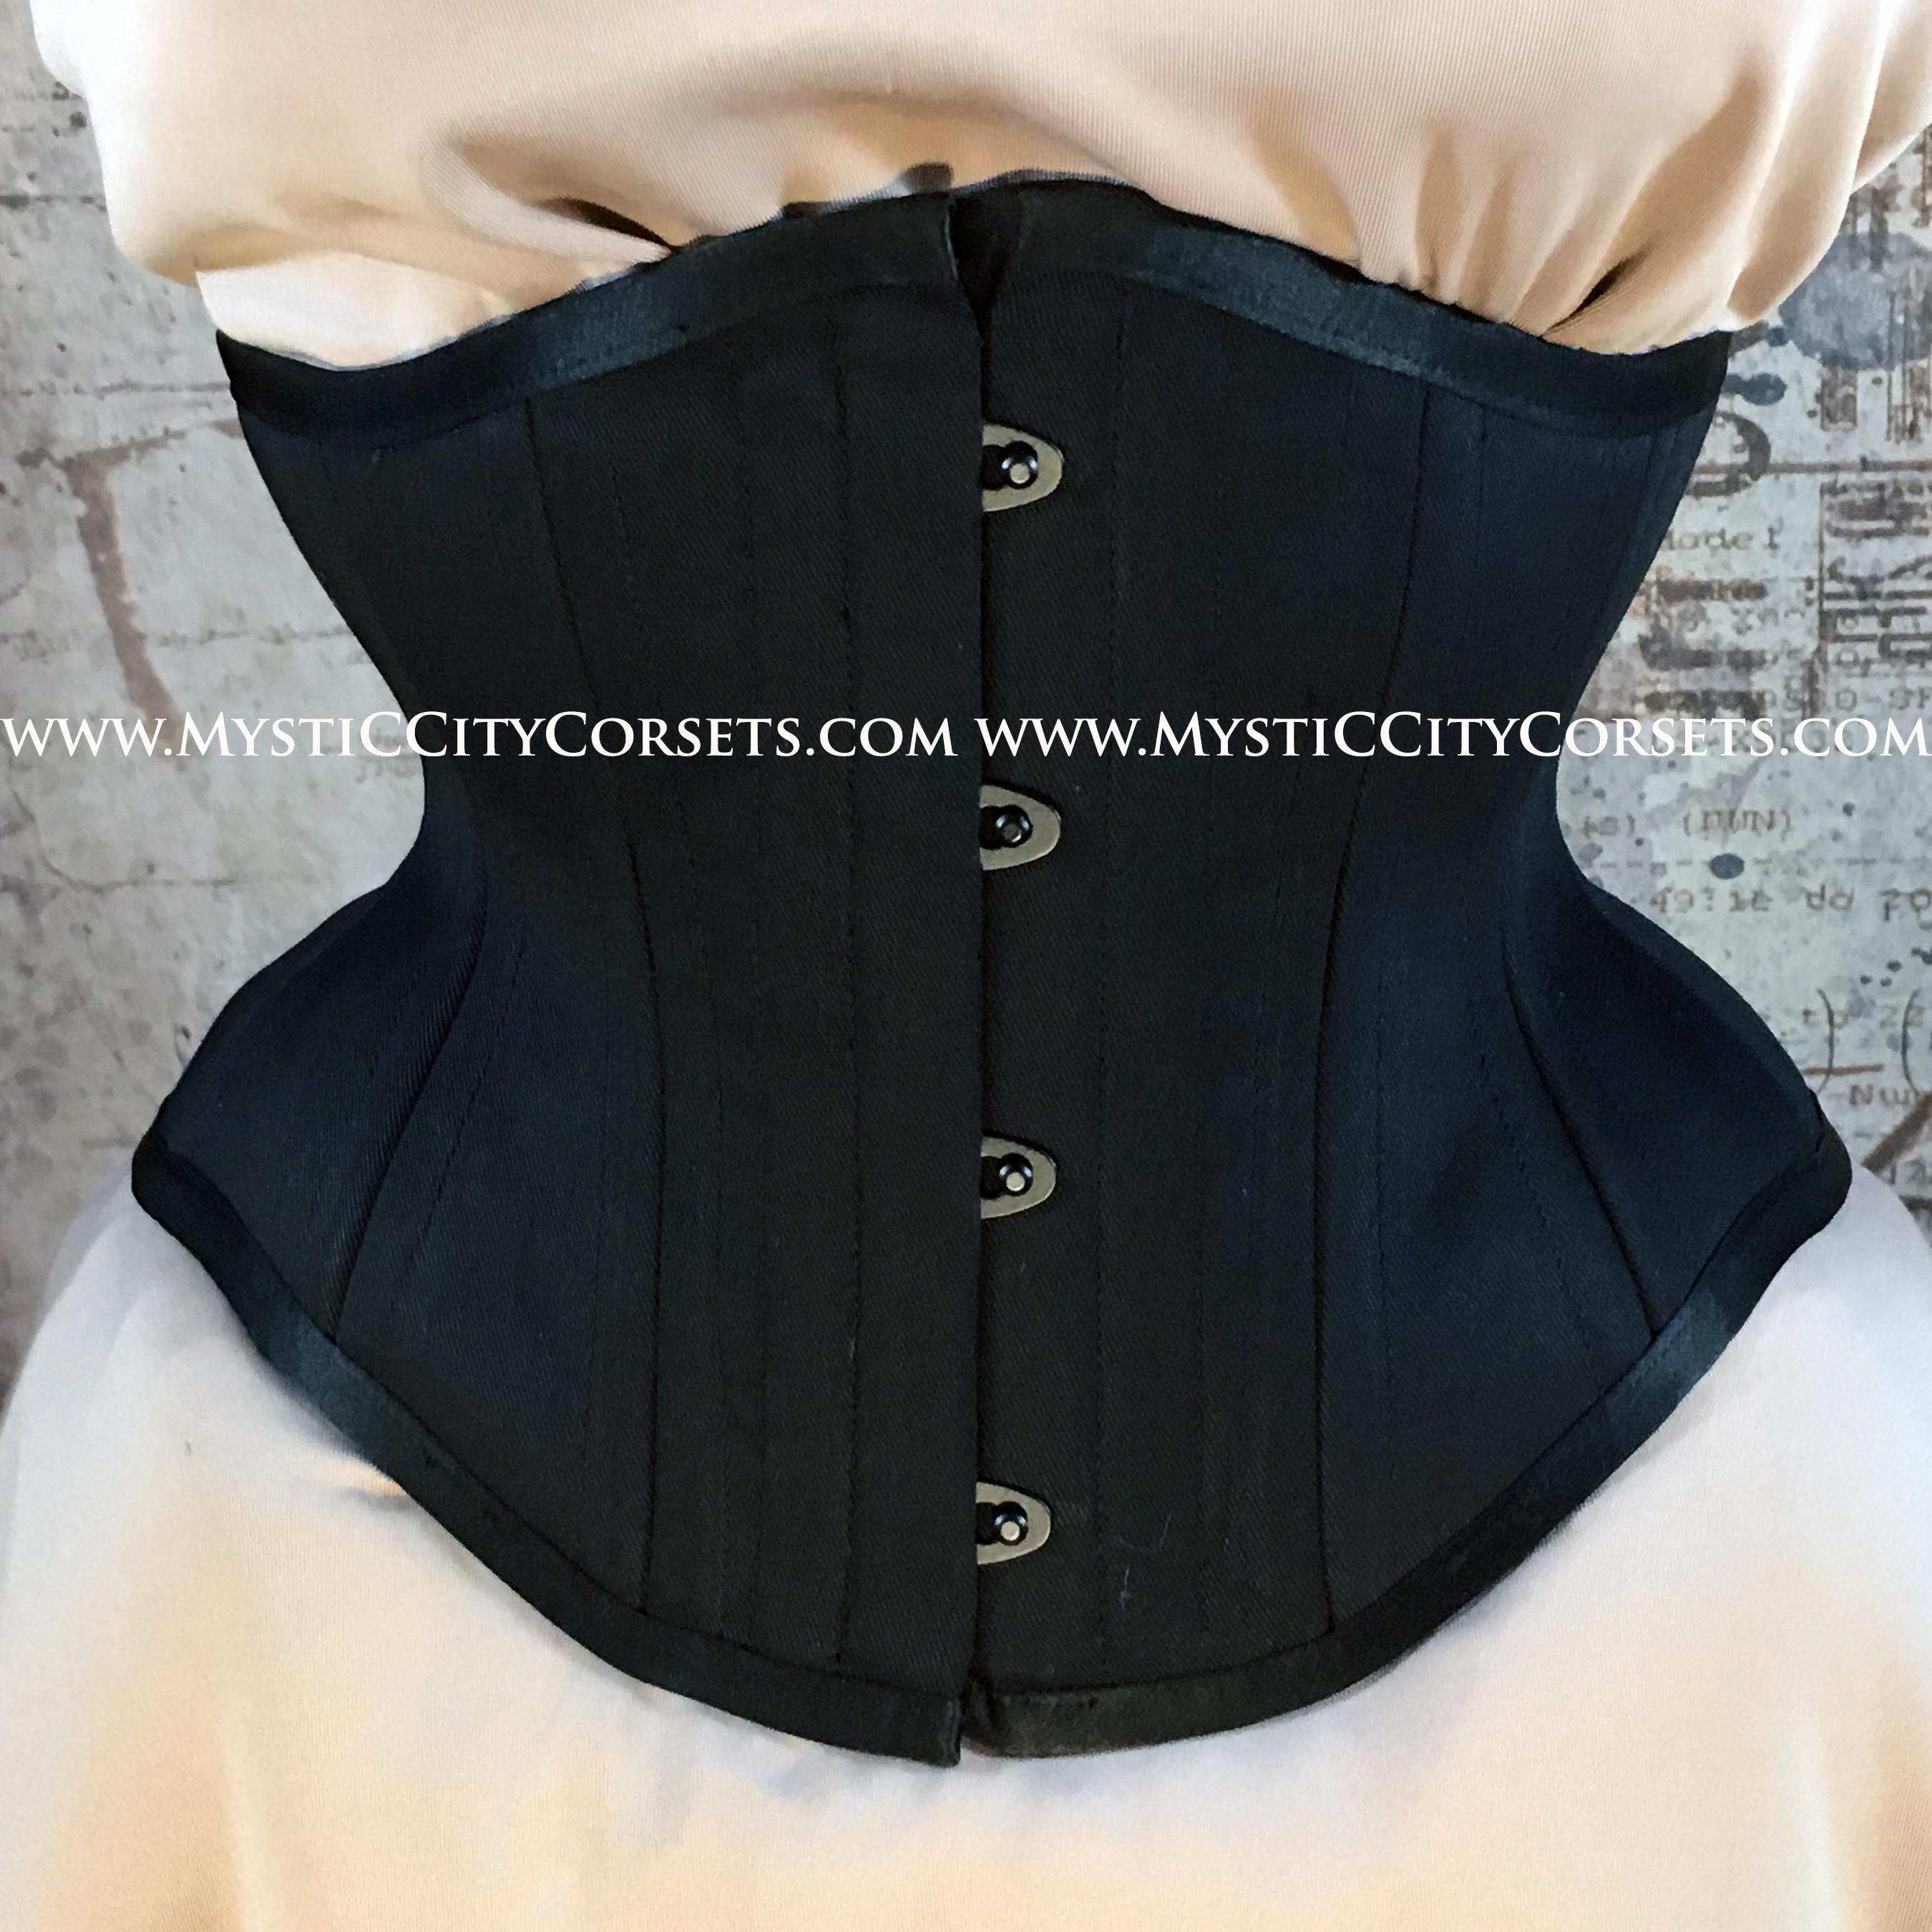 48e8e4e0fe1 MCC6 underbust Corset Black Cotton Satin Waspie